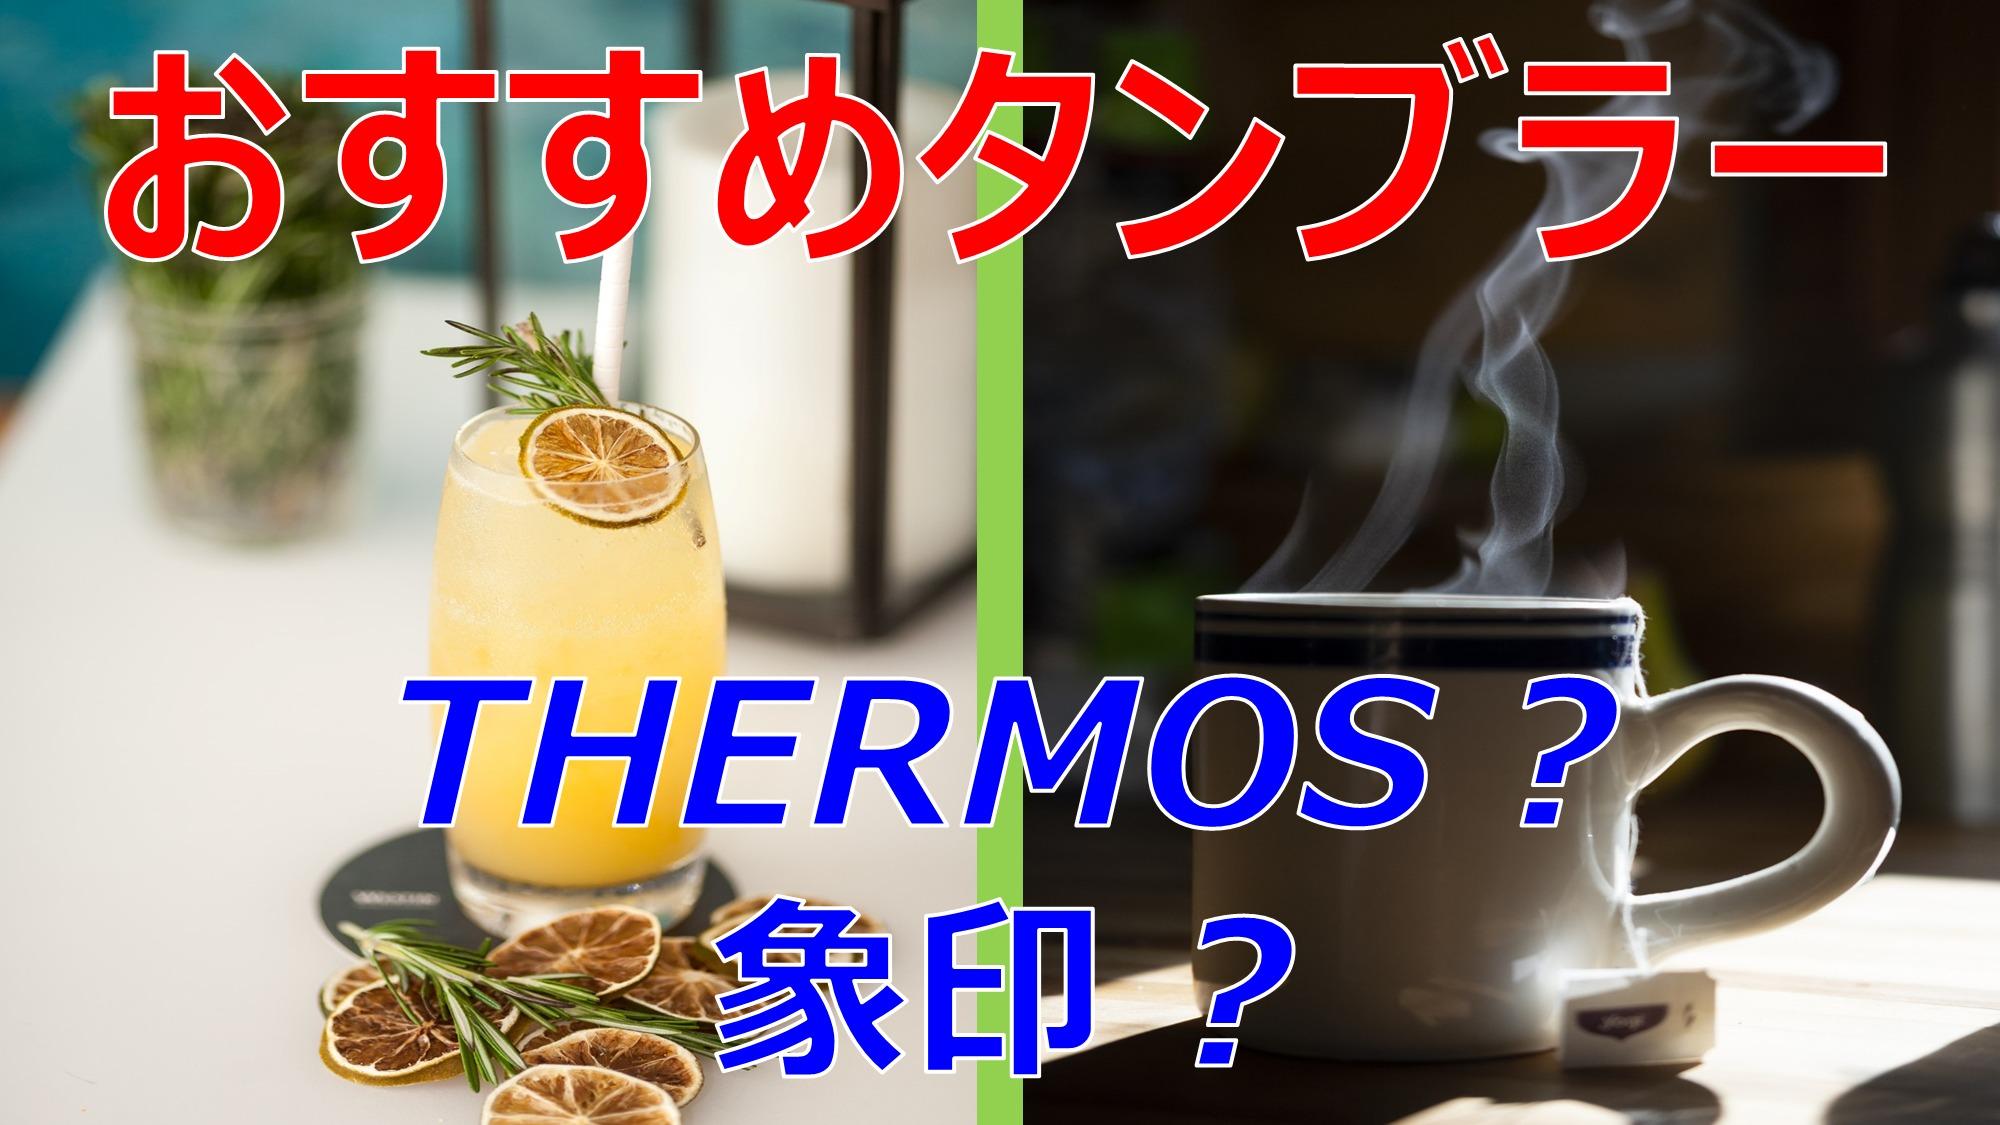 THERMOSと象印|おすすめの保冷保温タンブラーを比較!